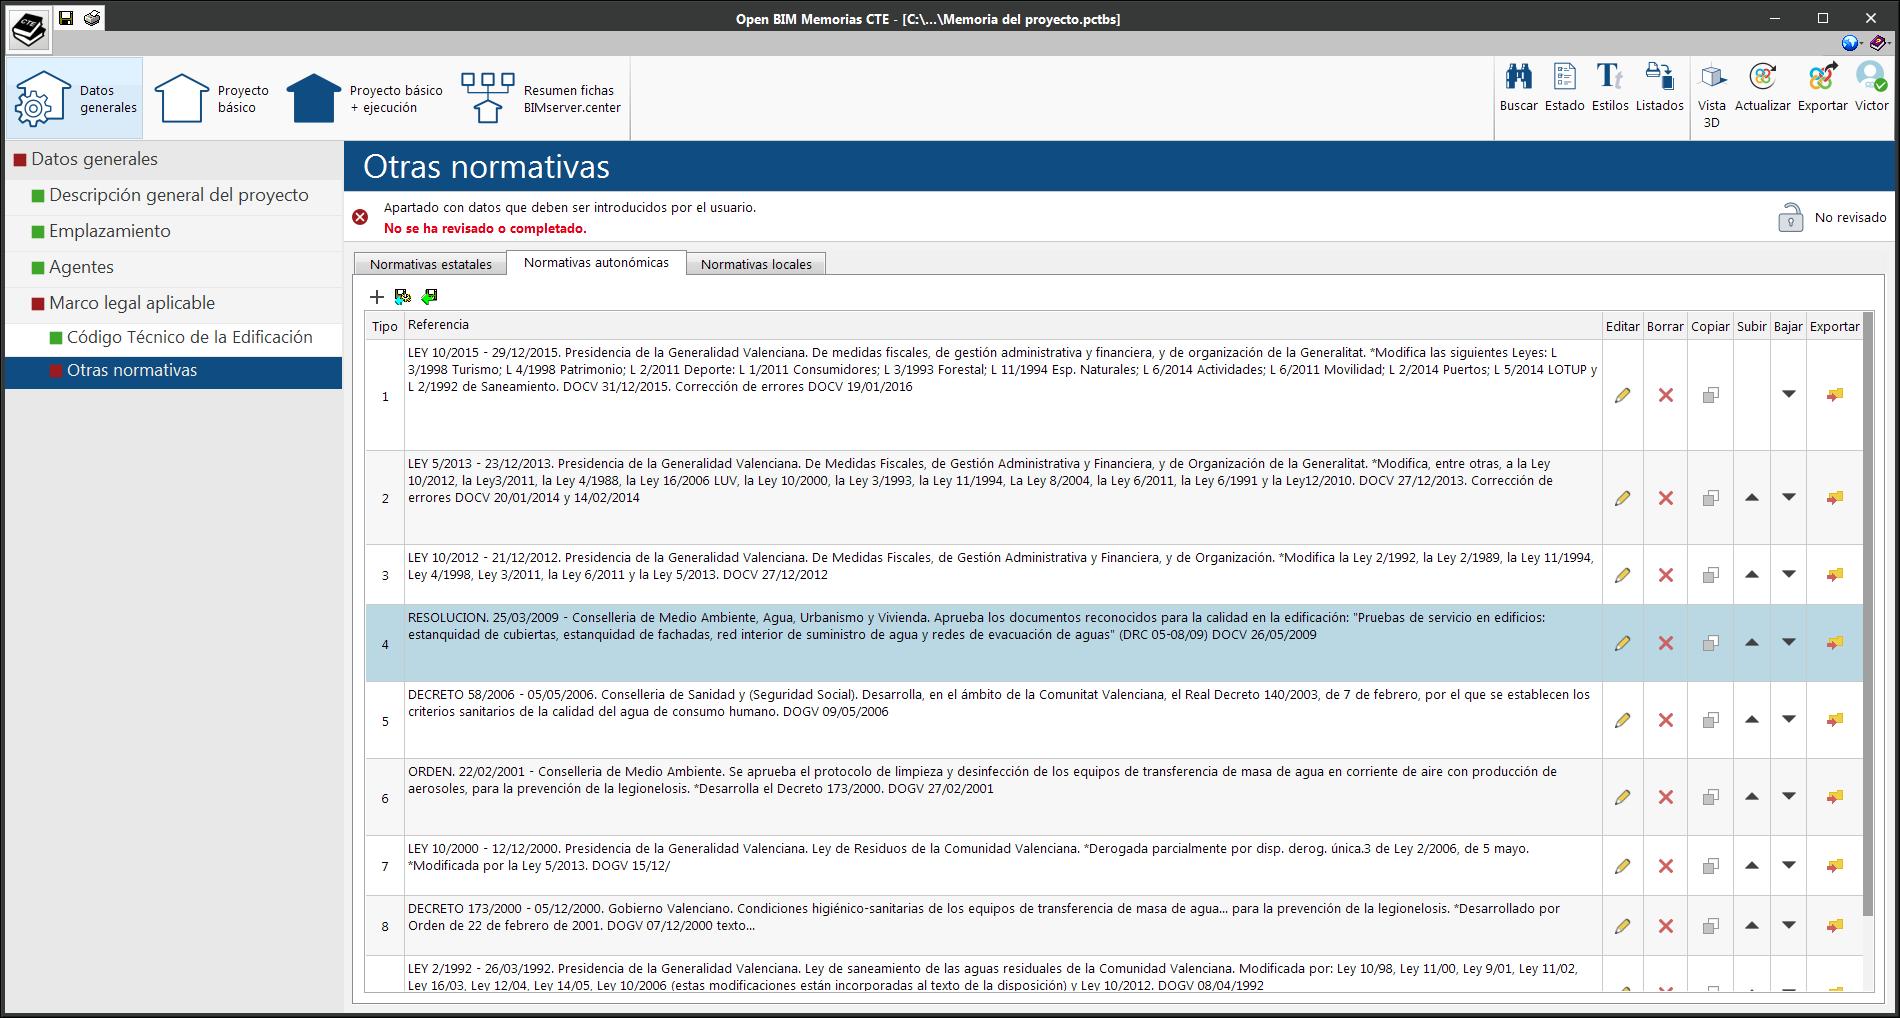 Open BIM Memorias CTE. Orden de las normas en el marco legal aplicable